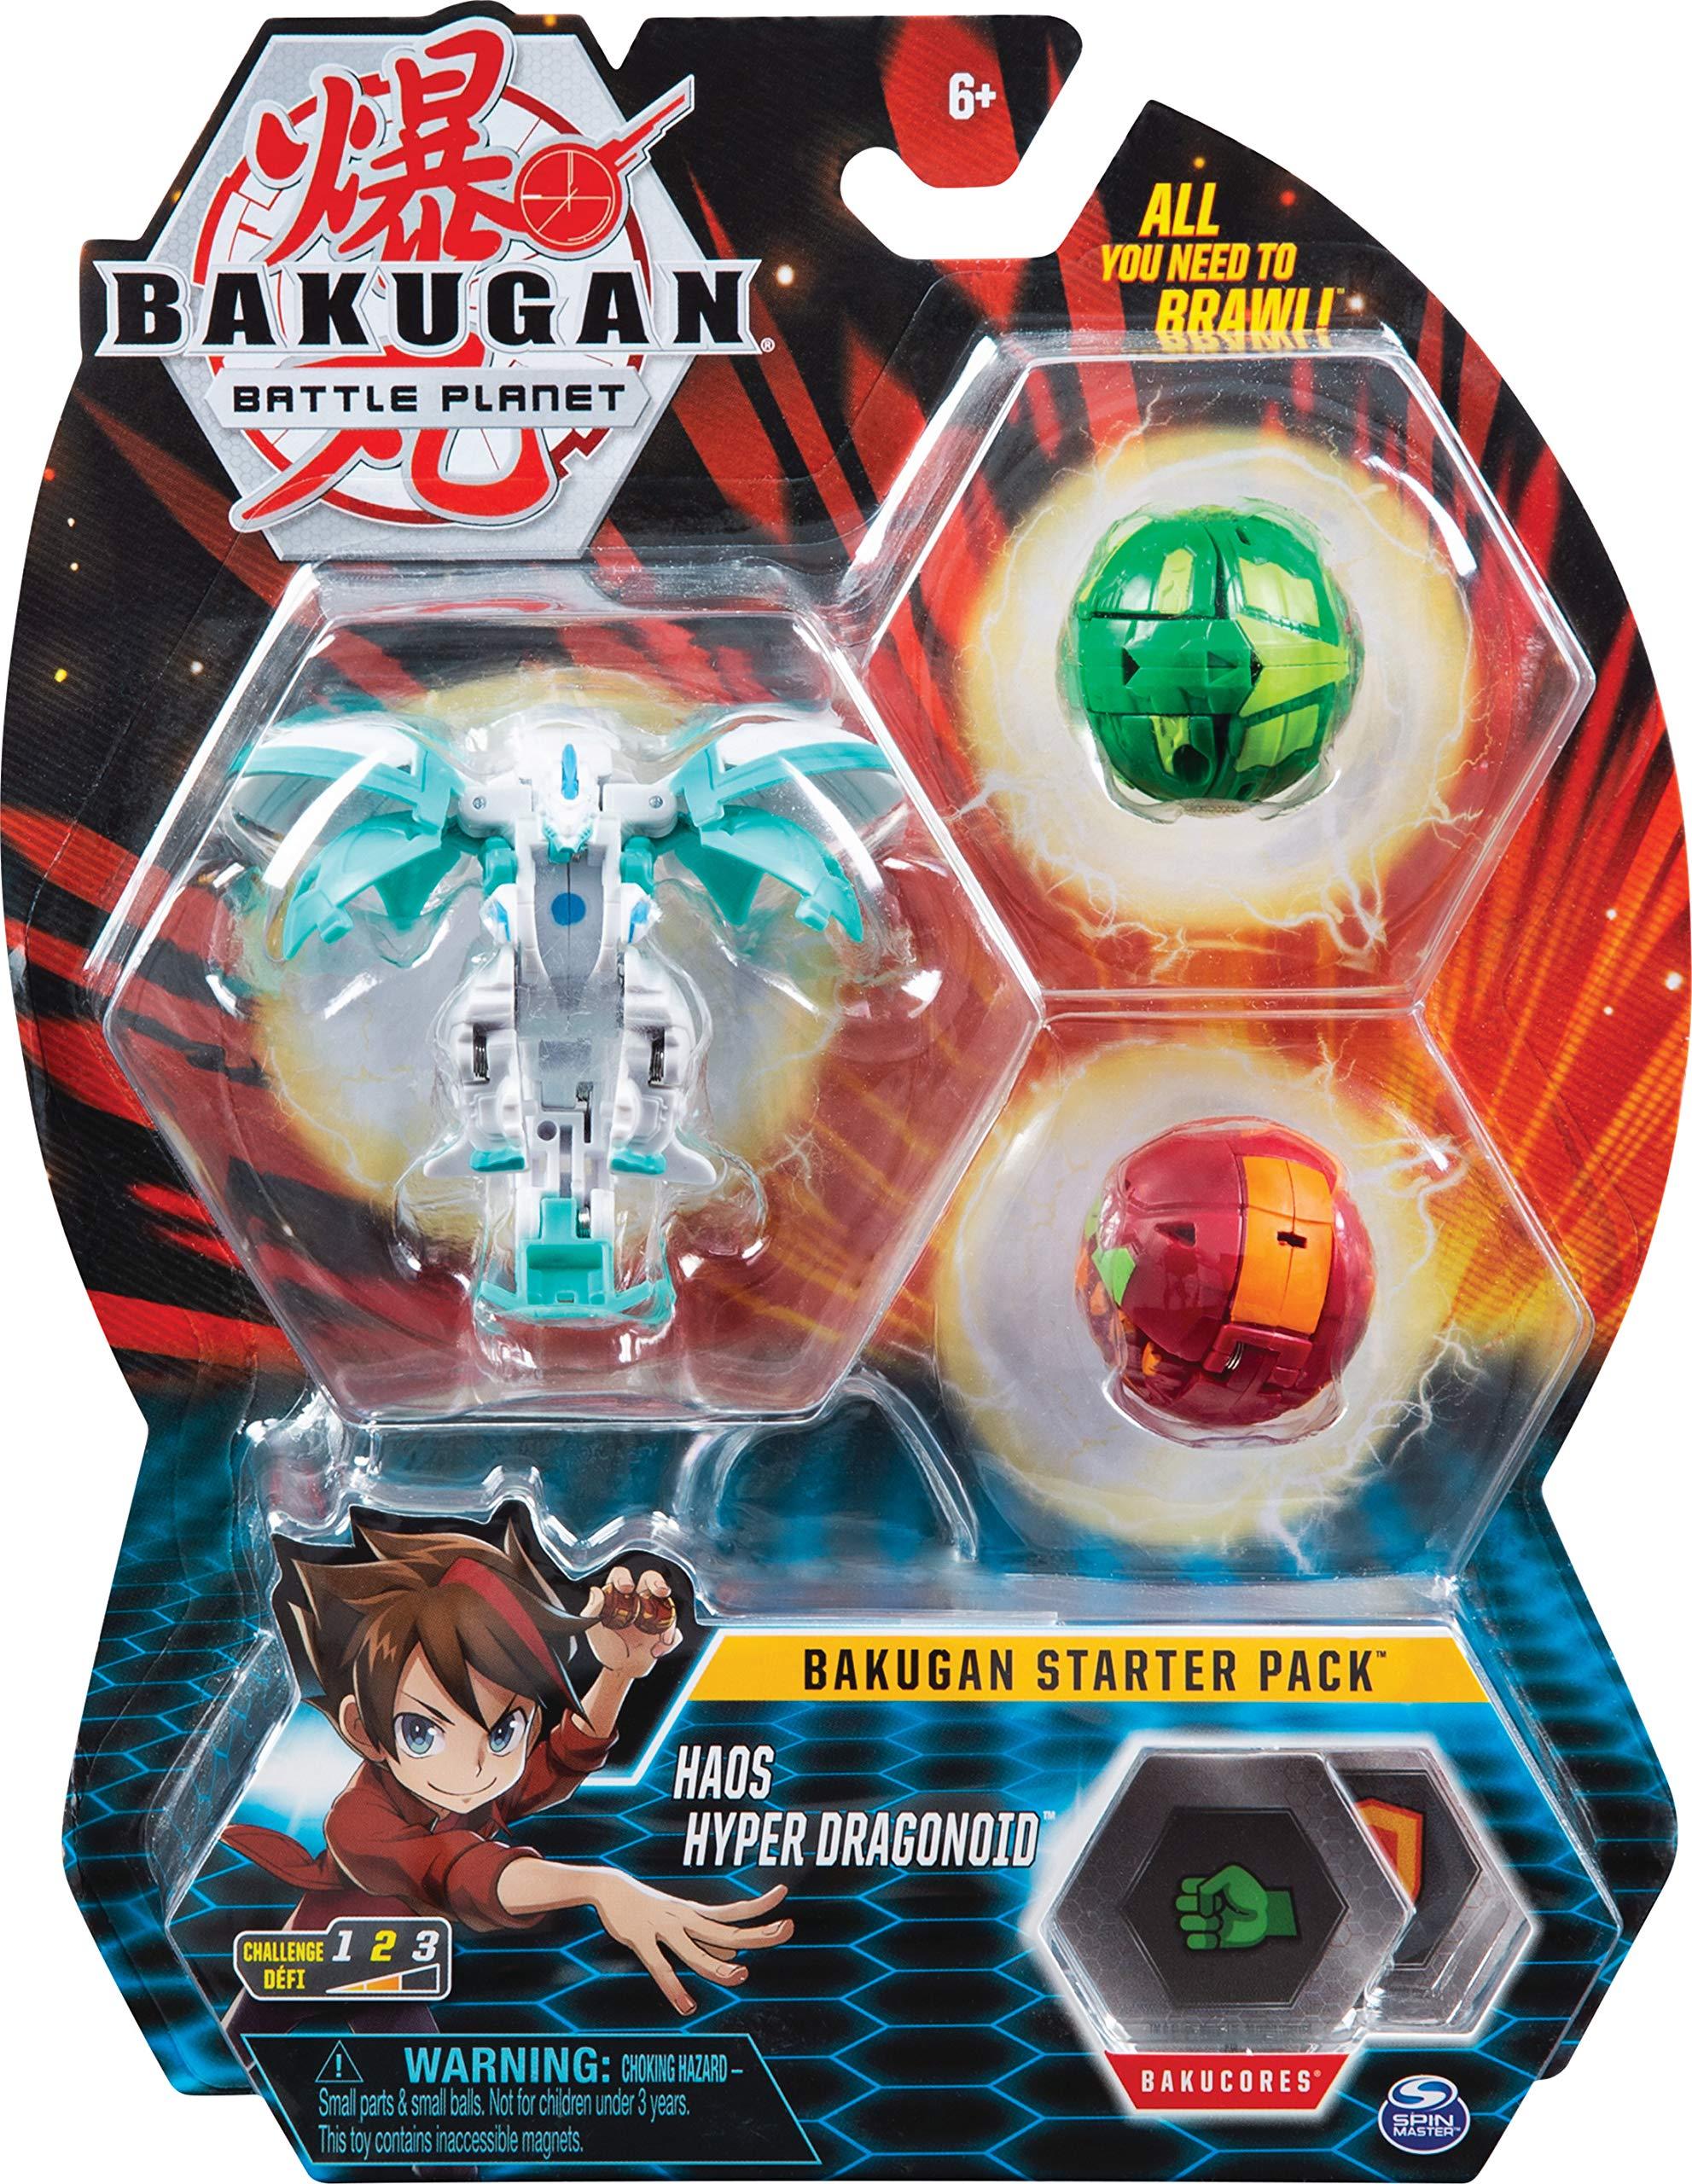 Bakugan Starter Pack, 2 clásicos y 1 Ultra, Pro Dragonoid Blanco, Mantis Verde y Scorpion Rojo: Amazon.es: Juguetes y juegos